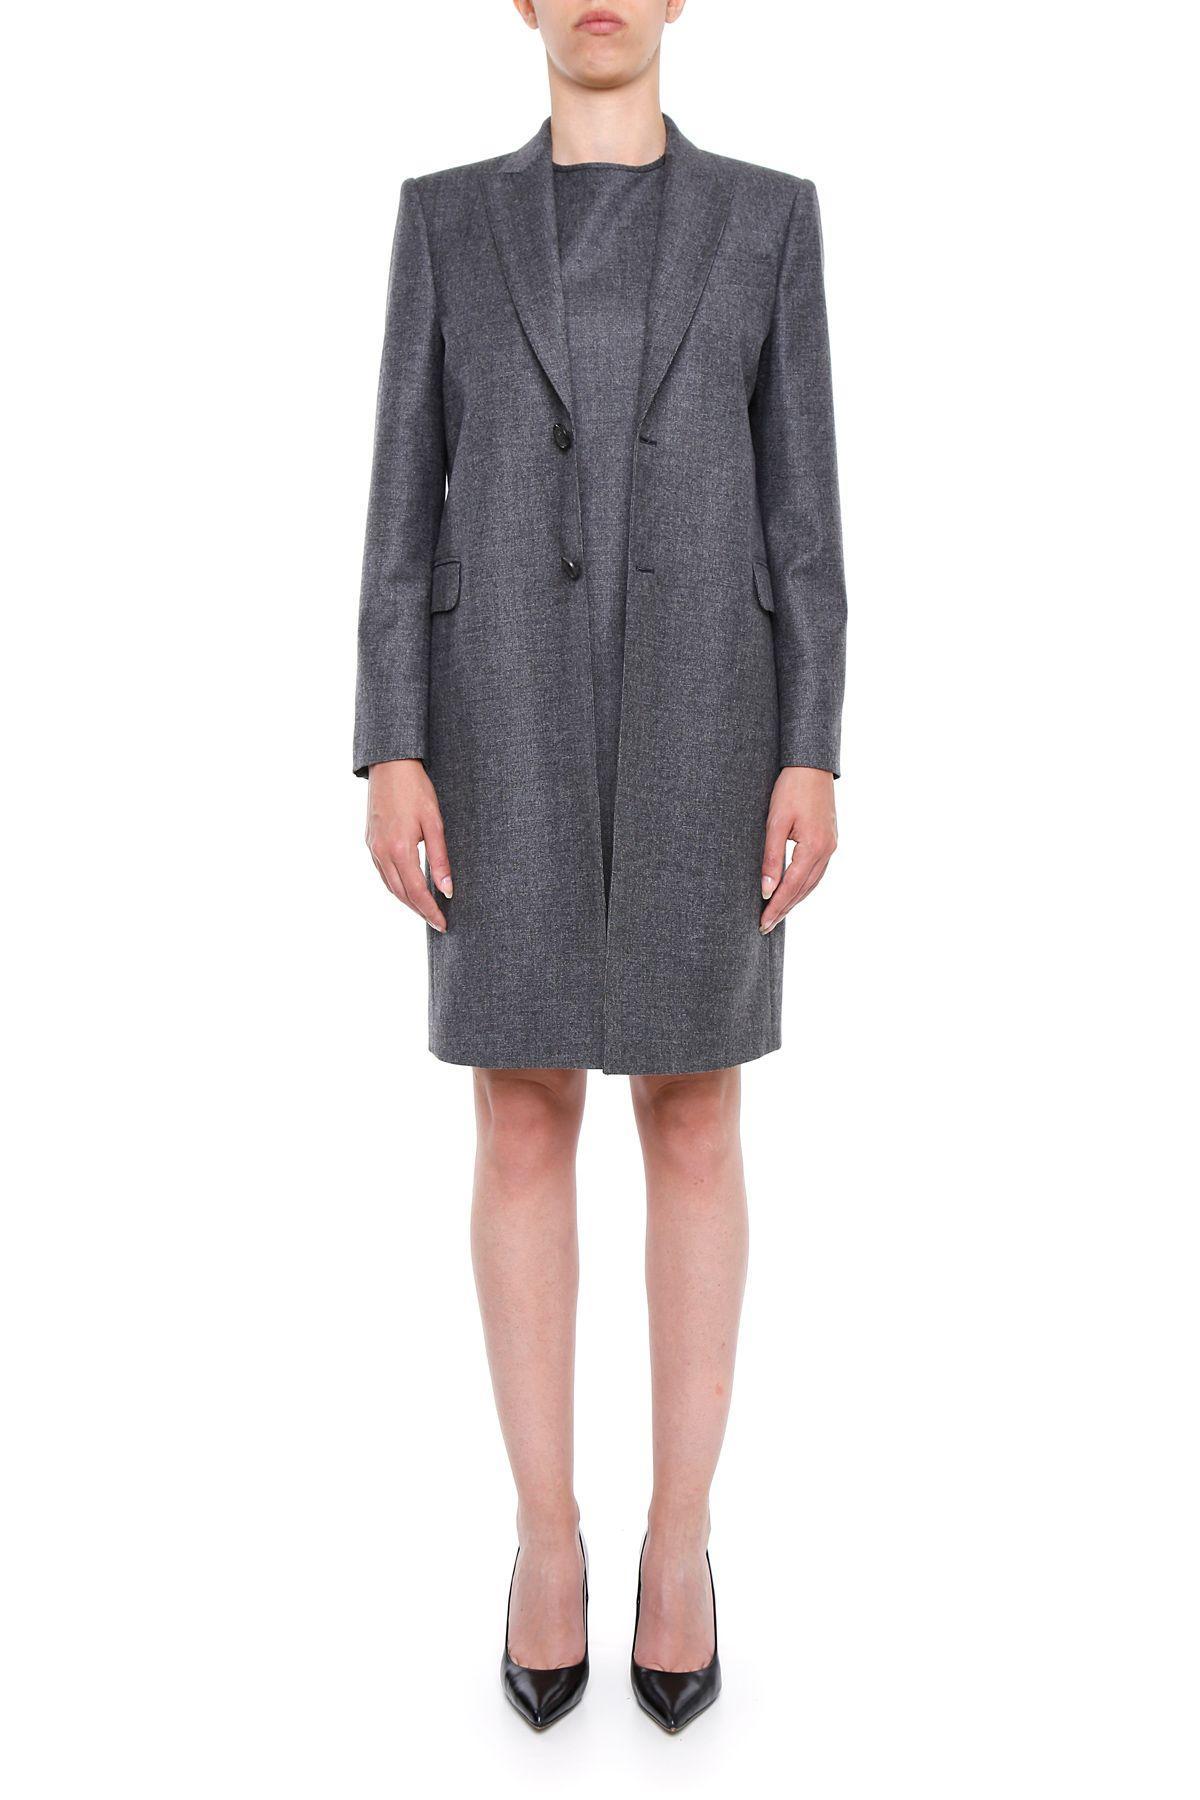 Dsquared2 Wool Suit In Greygrigio